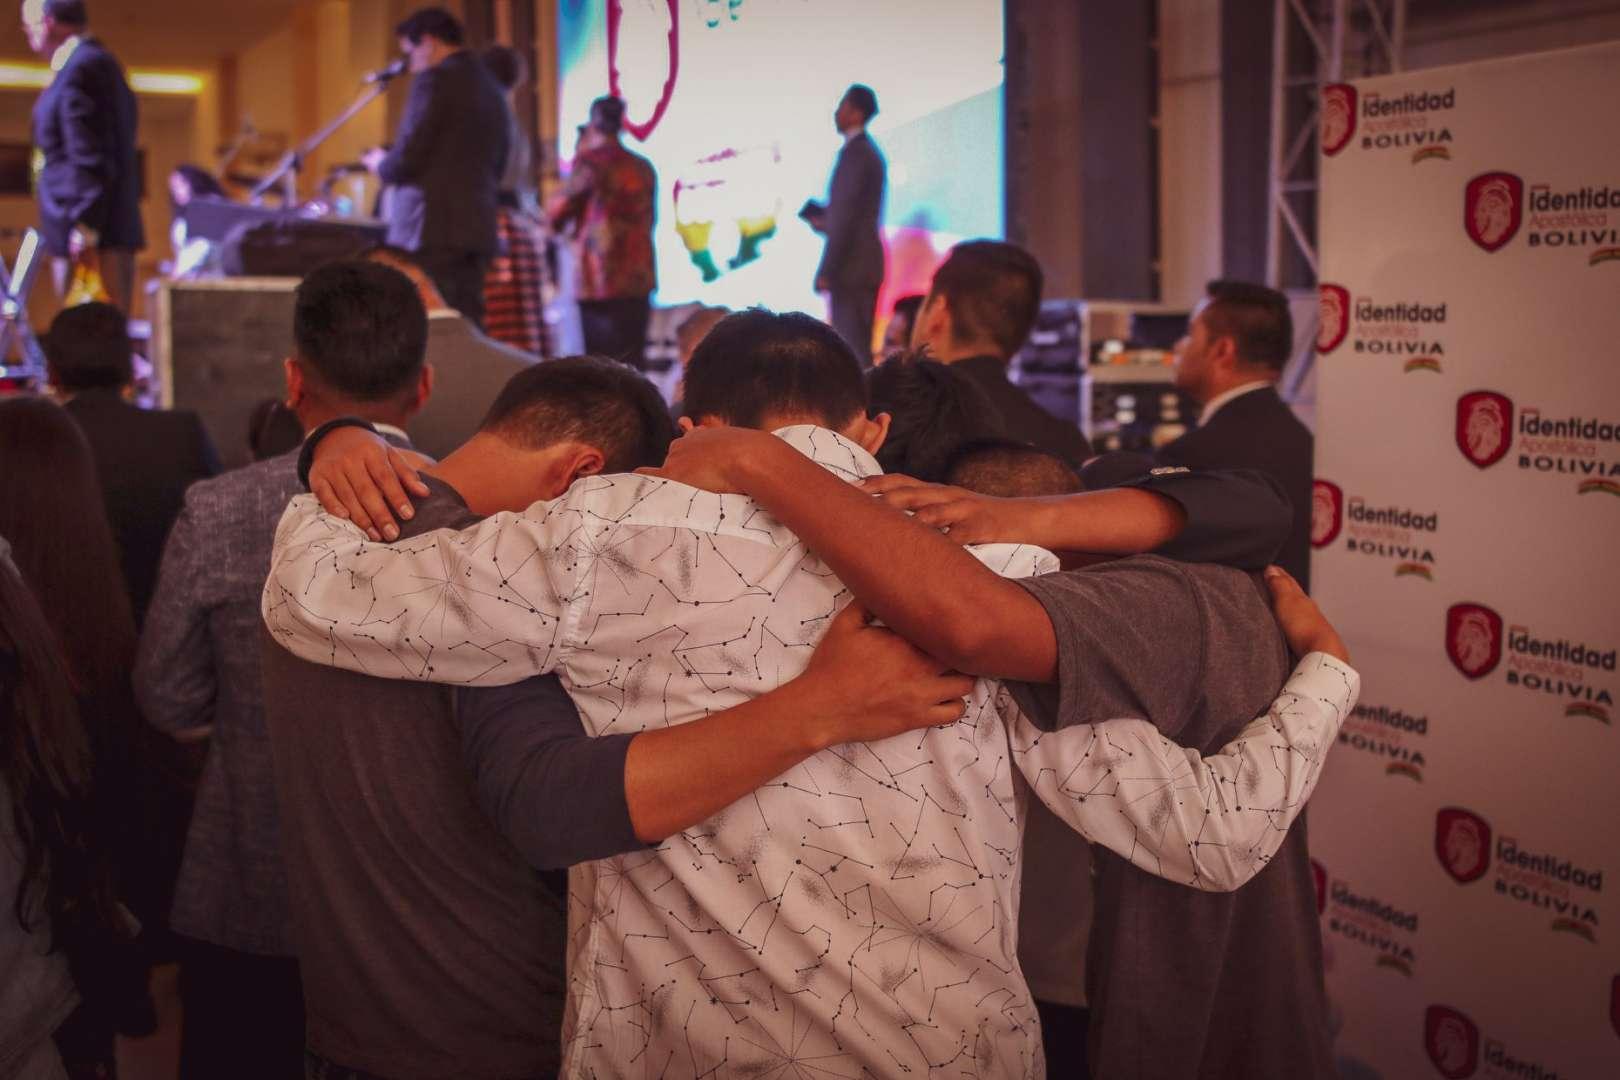 Congreso Identidad Apostólica